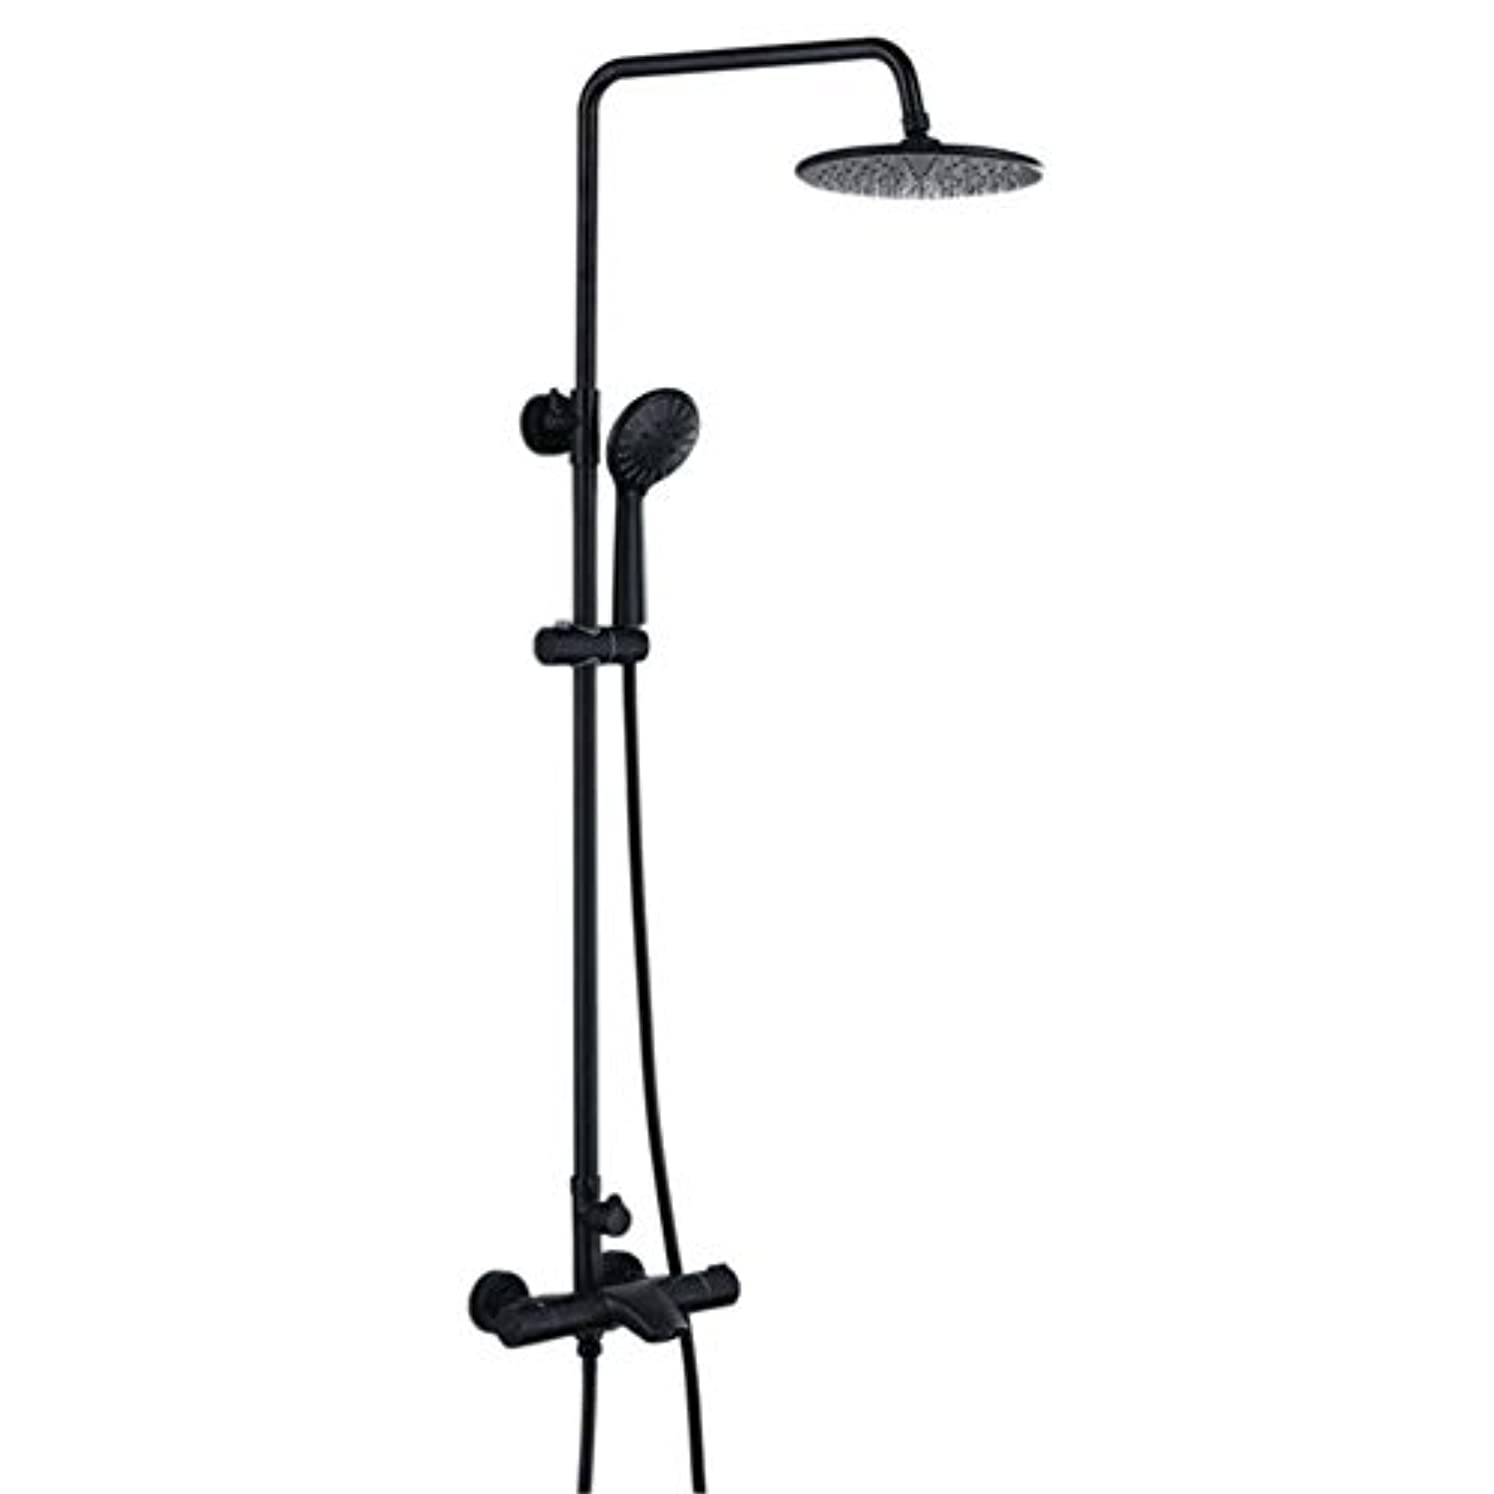 ラメ描写合併サーモスタットシャワーシステム、浴室シャワーミキサーセット壁掛け雨浴室シャワーセット蛇口黒ブロンズデュアルハンドルシャワーホットシャワーとコールドタップシャワー付き